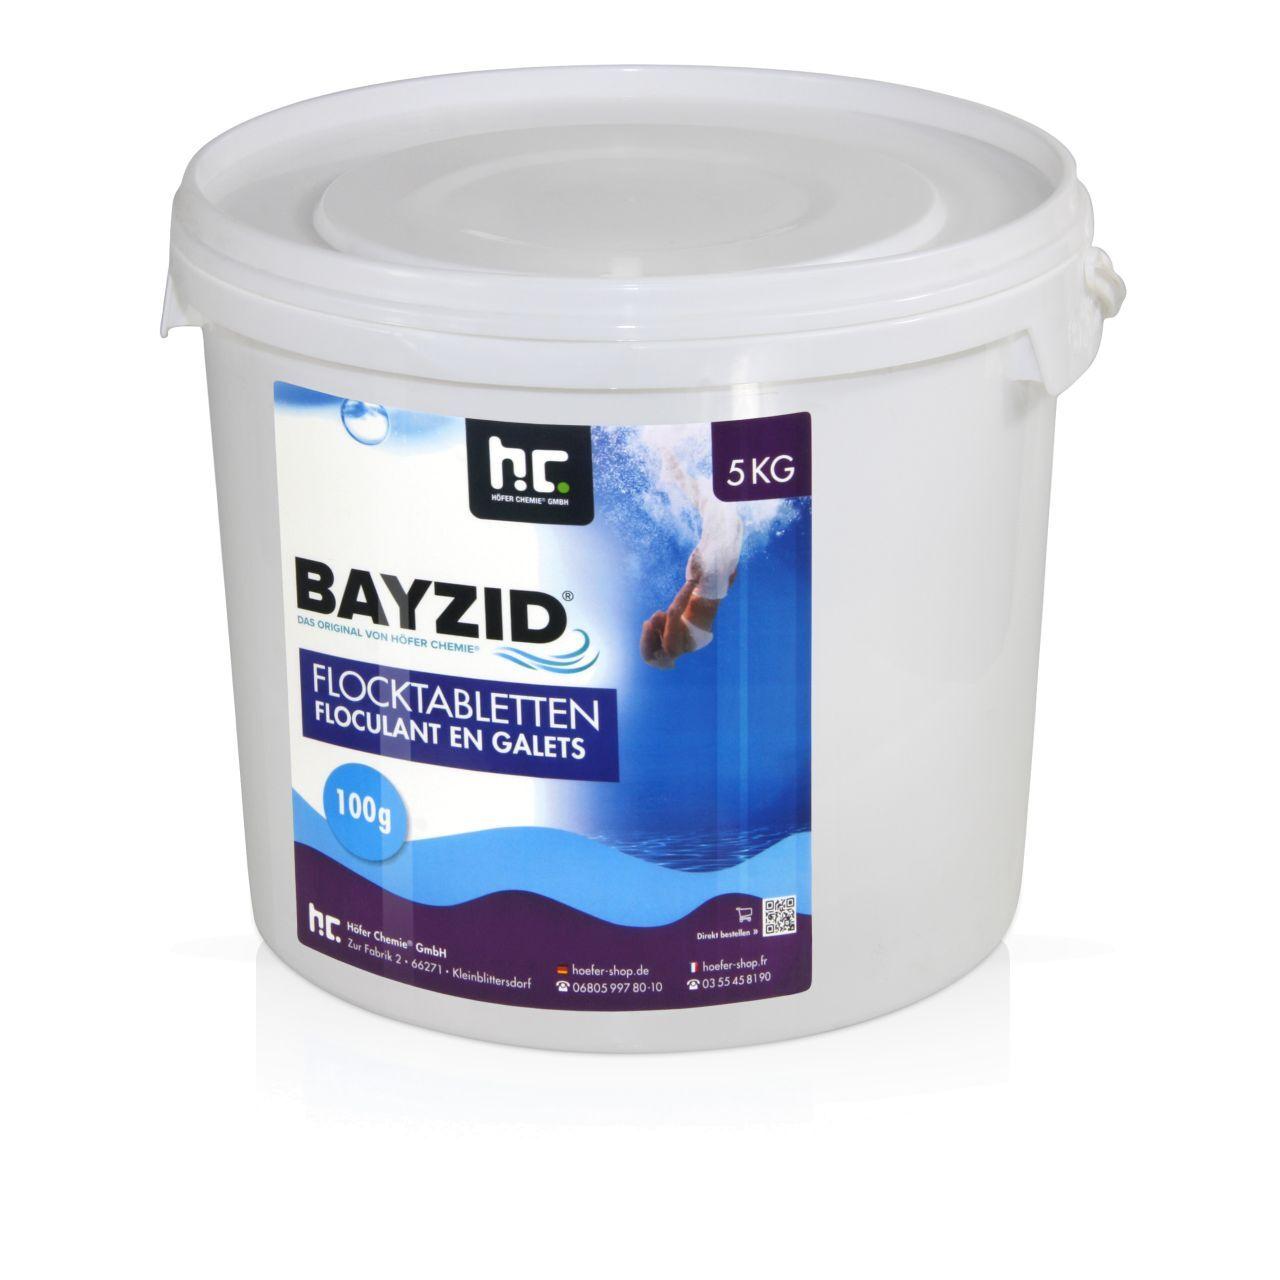 BAYZID 5 kg Bayzid® Floculant en galets (100g) (1 x 5 kg)